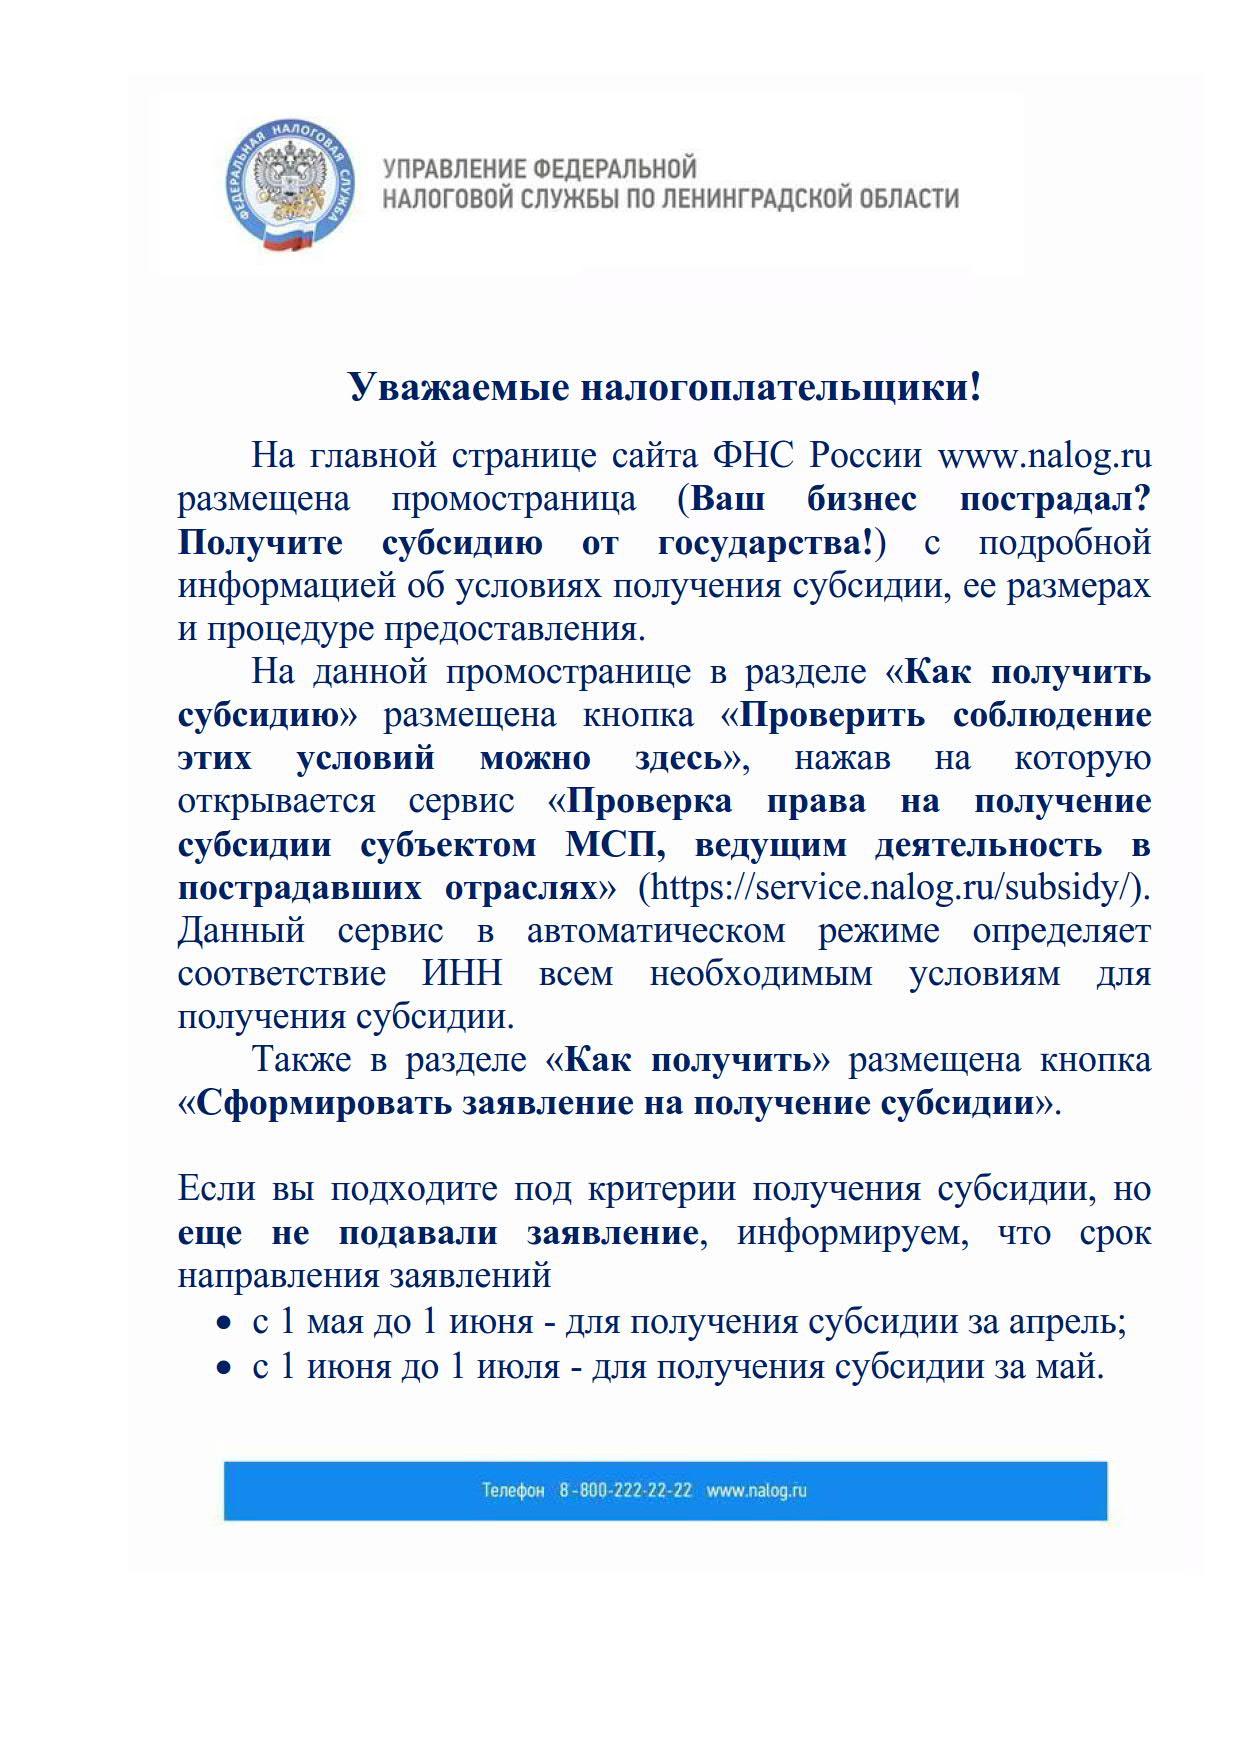 Листовка_субсидия_1